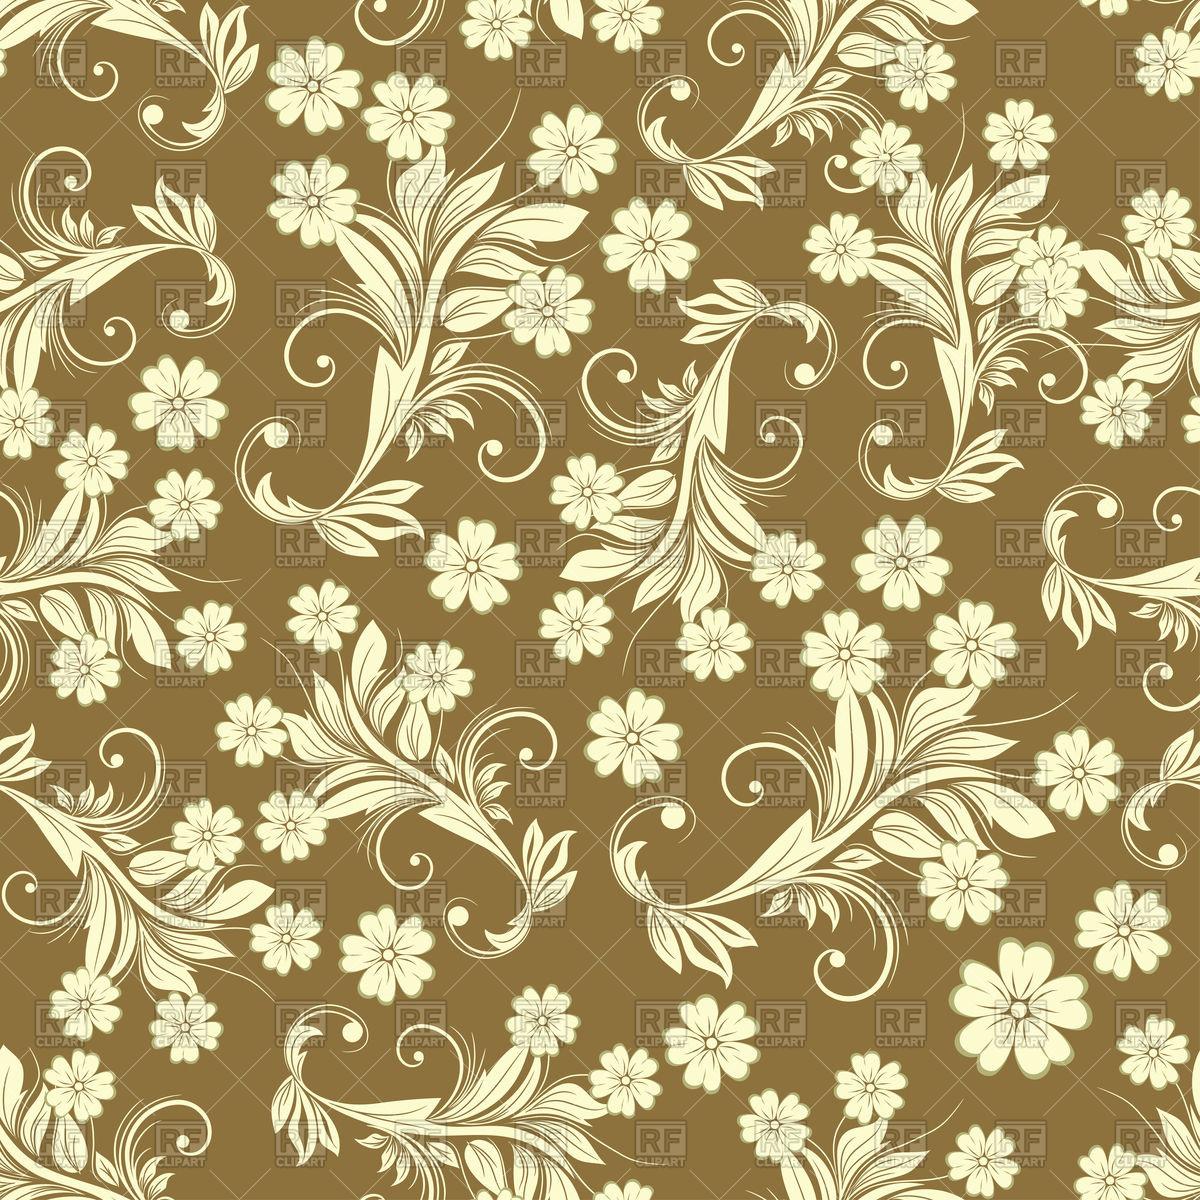 Vintage Floral Pattern Vector At Getdrawings Free Download